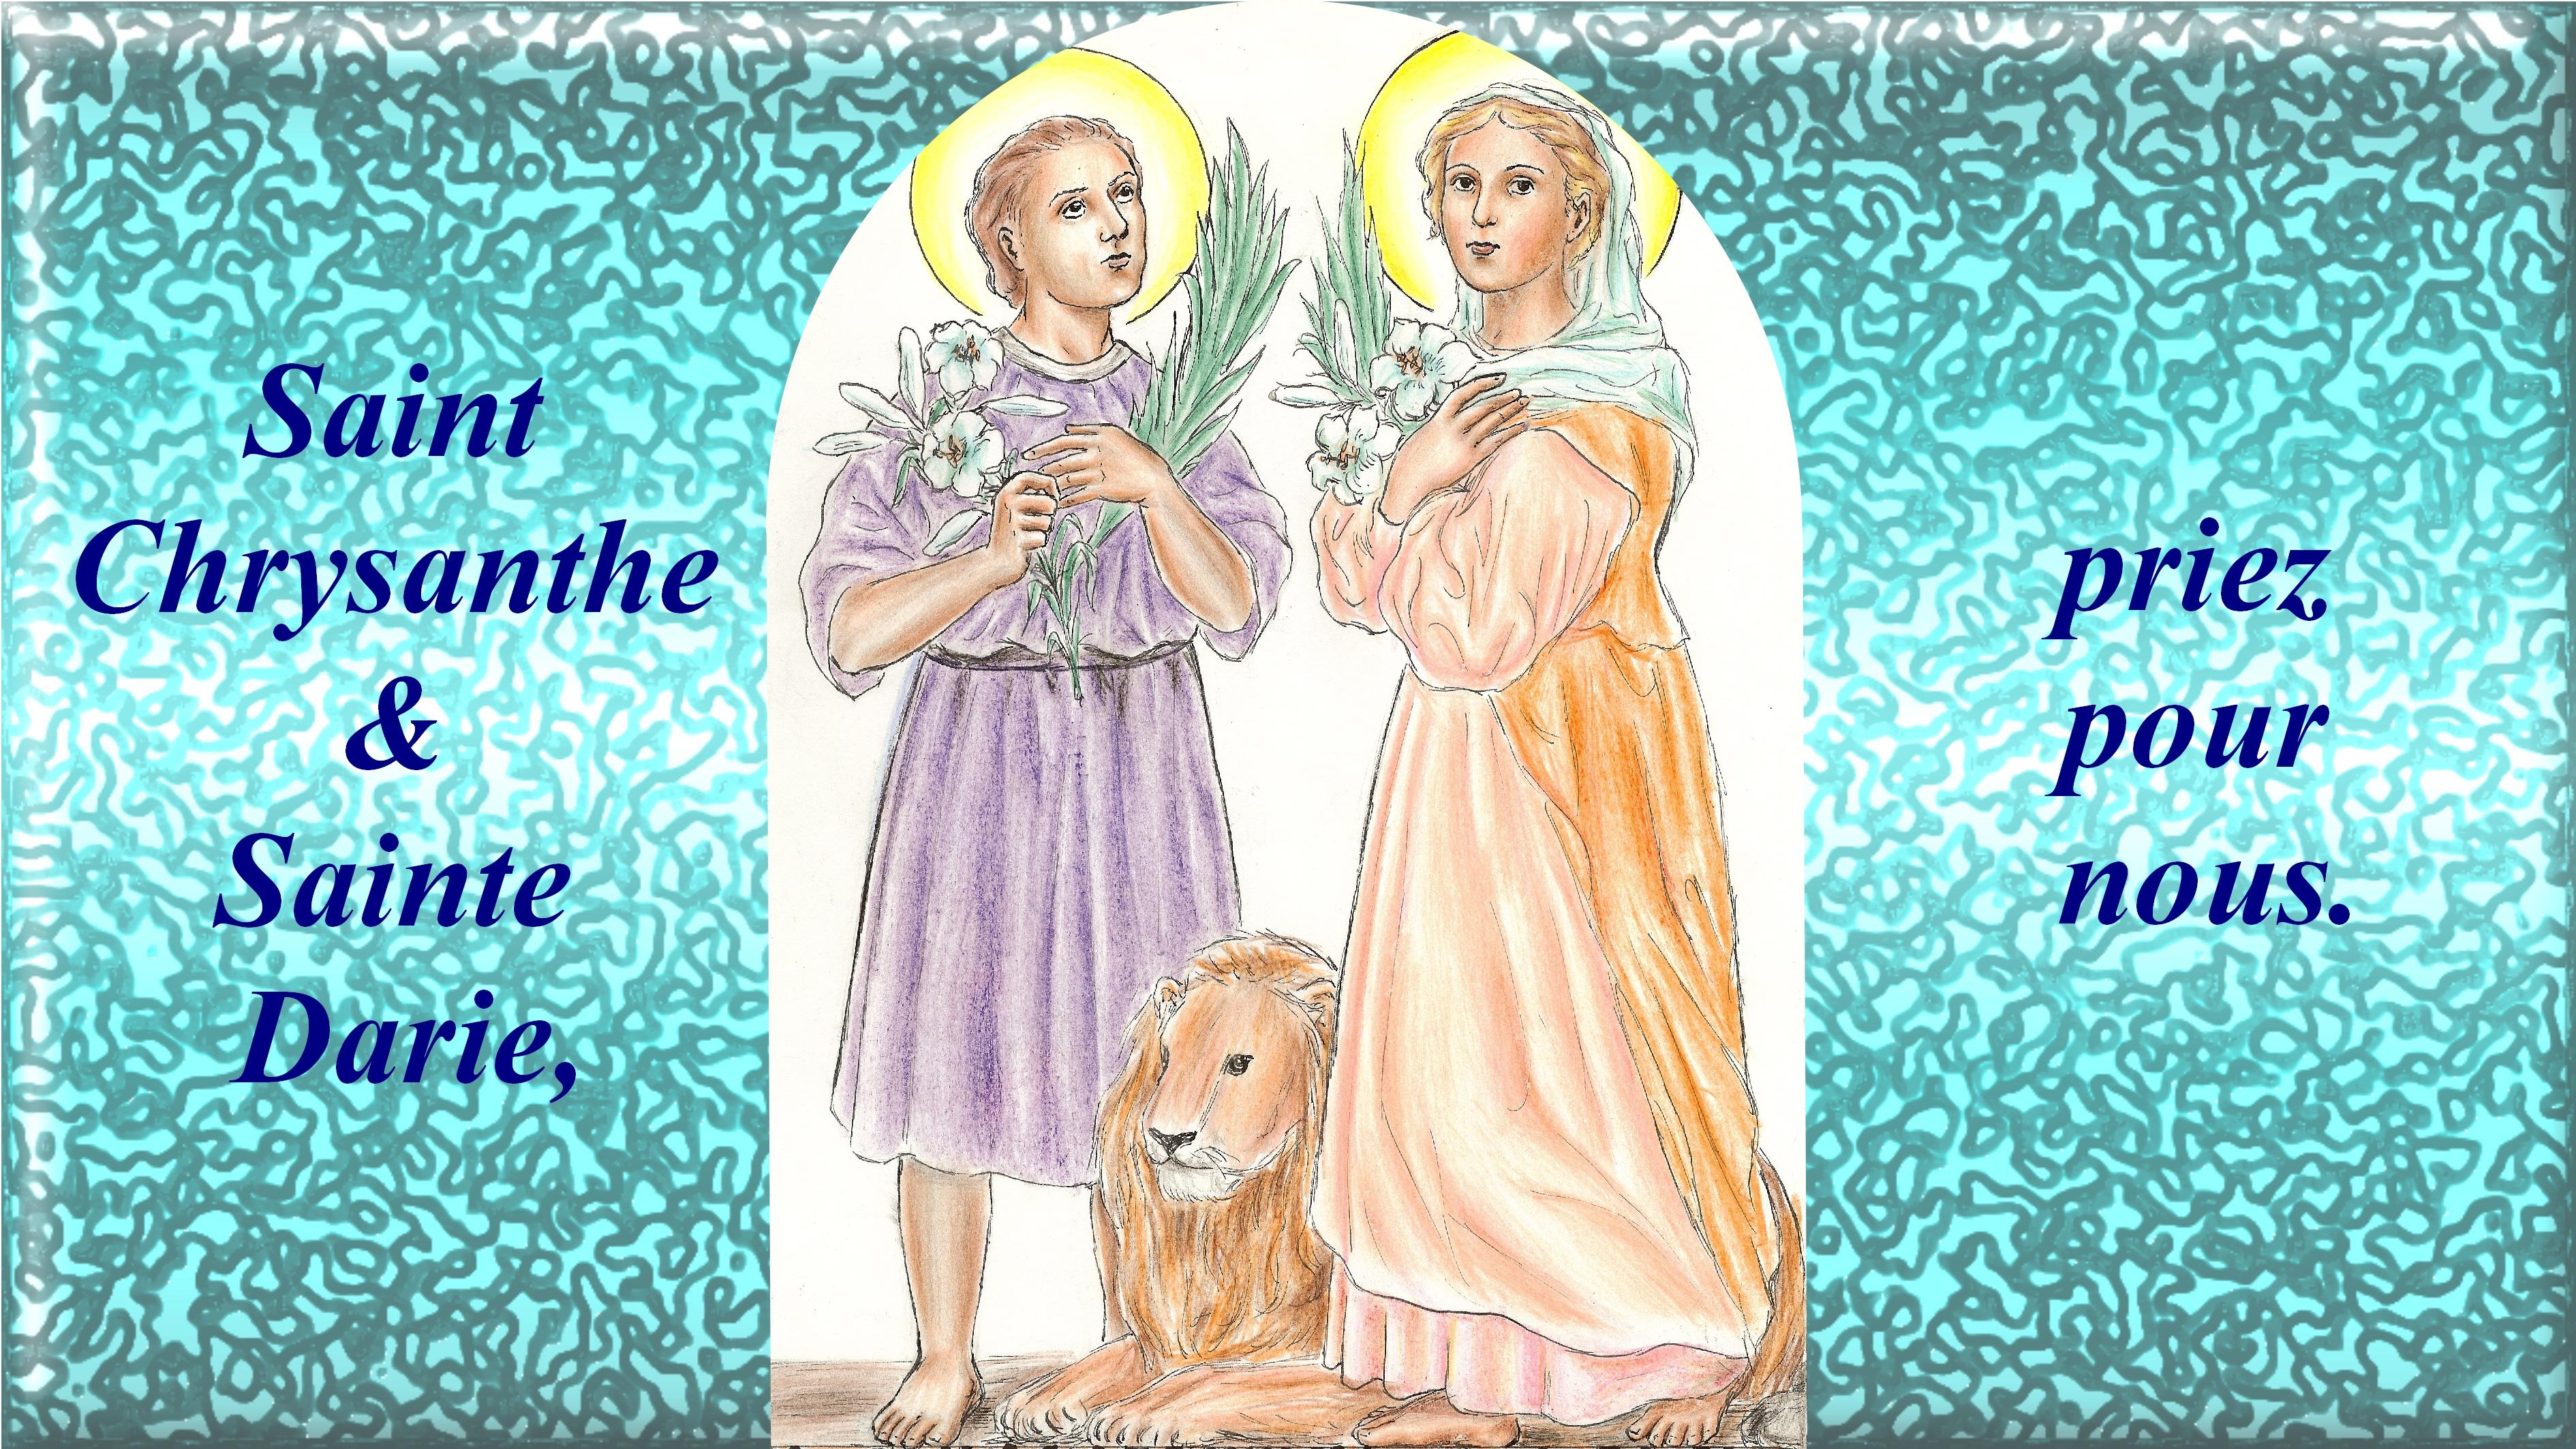 CALENDRIER CATHOLIQUE 2019 (Cantiques, Prières & Images) - Page 13 St-chrysanthe-et-ste-darie-56b26e9